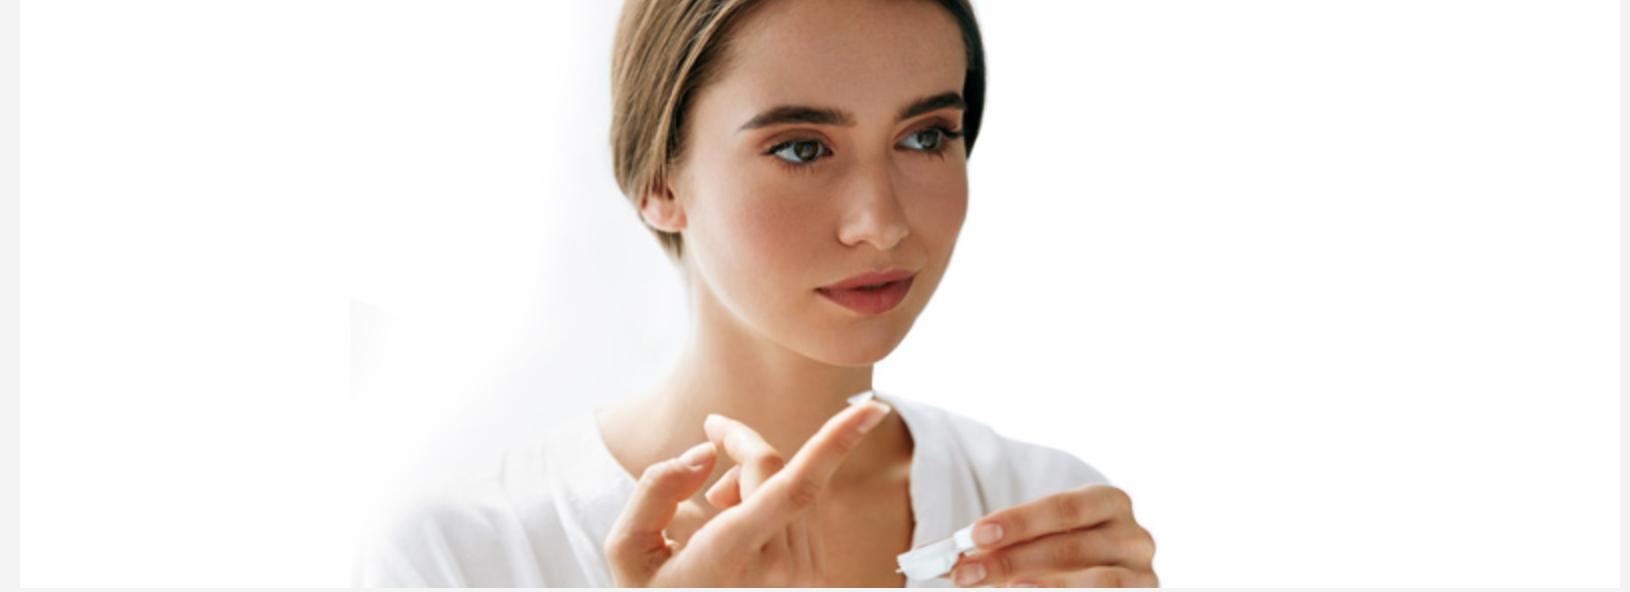 Lentesplus.com: Cinco razones para invertir en lentes de contacto